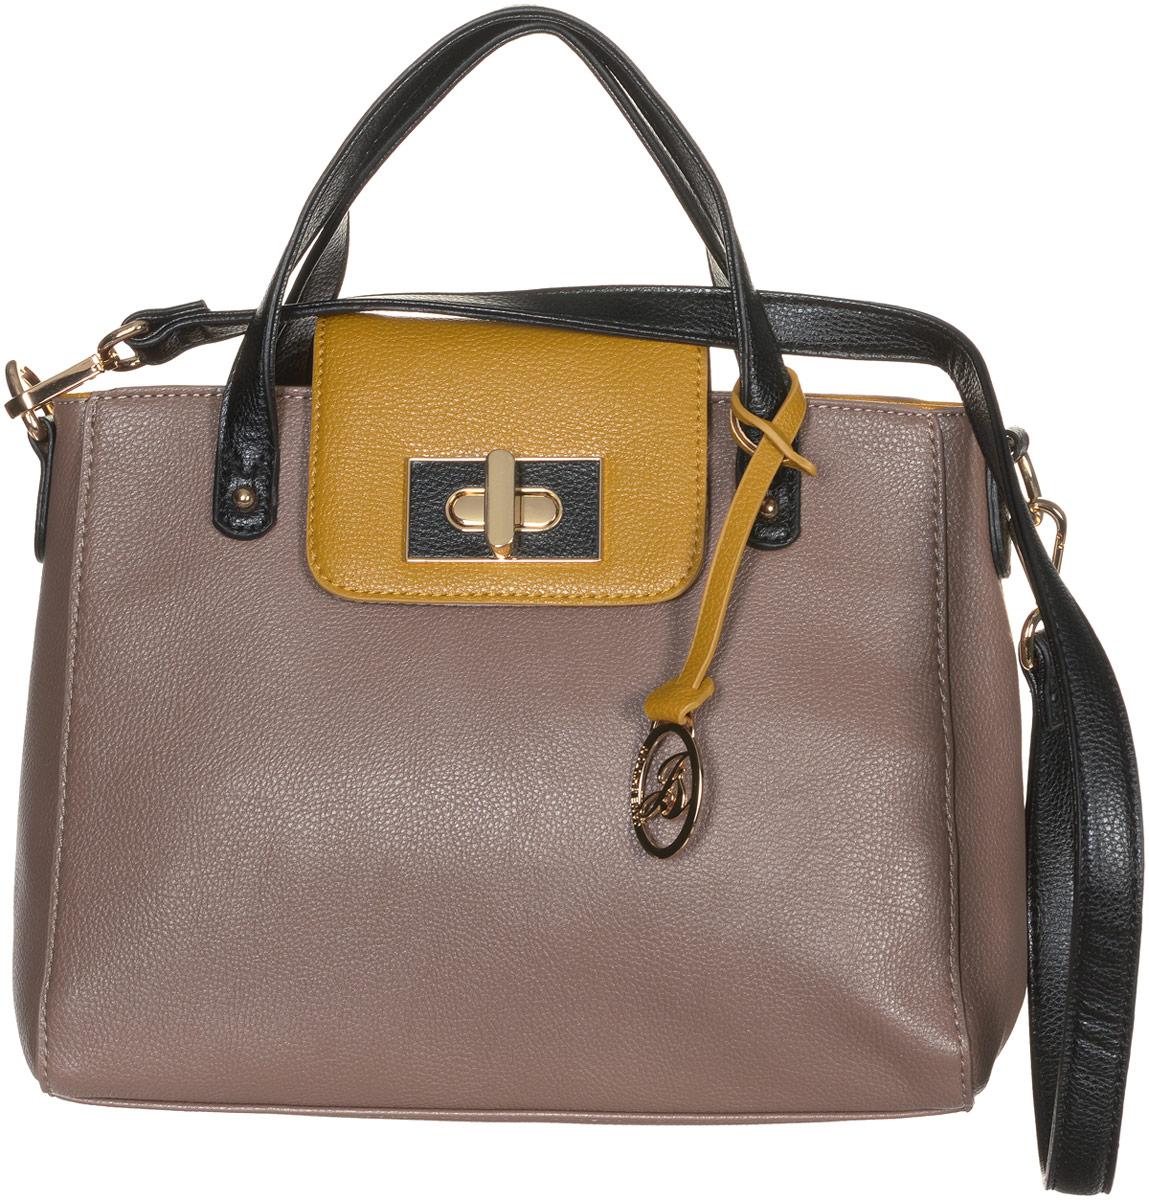 Сумка женская Jane Shilton, цвет: светло-коричневый, горчичный. 213823008Стильная сумка Jane Shilton не оставит вас равнодушной благодаря своему дизайну и практичности. Она изготовлена из качественной искусственной кожи зернистой текстуры. На тыльной стороне расположен удобный вшитый карман на молнии. Сумка оснащена удобными ручками, которые оформлены металлической фирменной подвеской. Также сумка дополнена съемным плечевым ремнем, который фиксируется с помощью замков-карабинов. Изделие закрывается на удобную молнию. Внутри расположено одно главное отделение на молнии, которое разделяет карман-средник на молнии. Также внутри расположен один открытый накладной карман для телефона и один вшитый карман на молнии для мелочей. Такая модная и практичная сумка завершит ваш образ и станет незаменимым аксессуаром в вашем гардеробе.